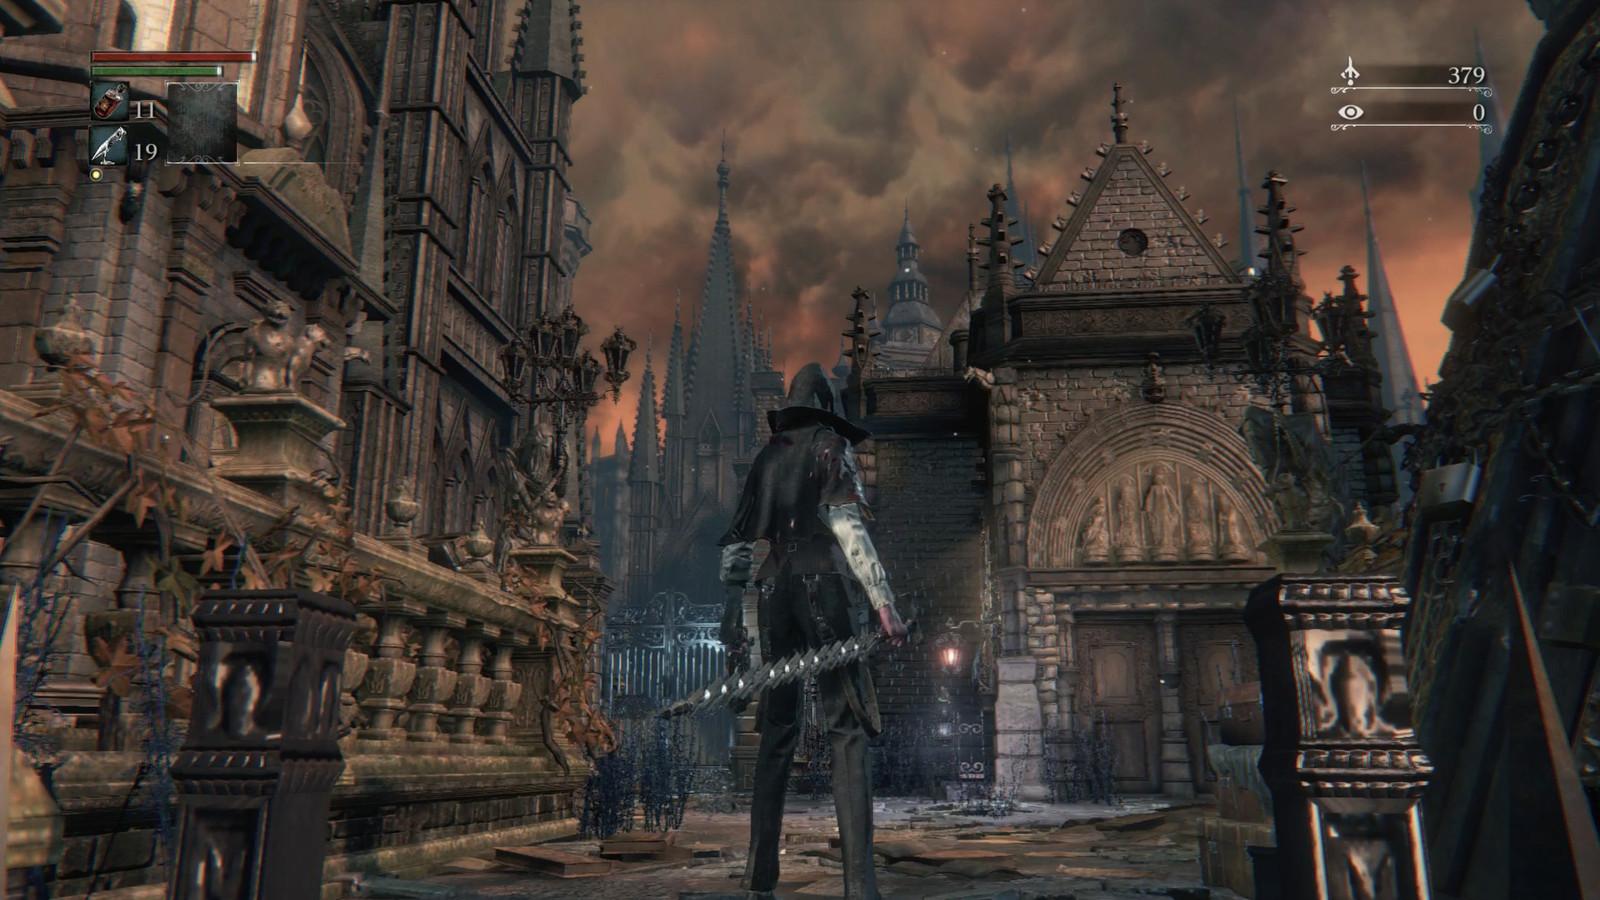 Bloodborne Gameplay Walkthrough Part 3: Central Yharnam